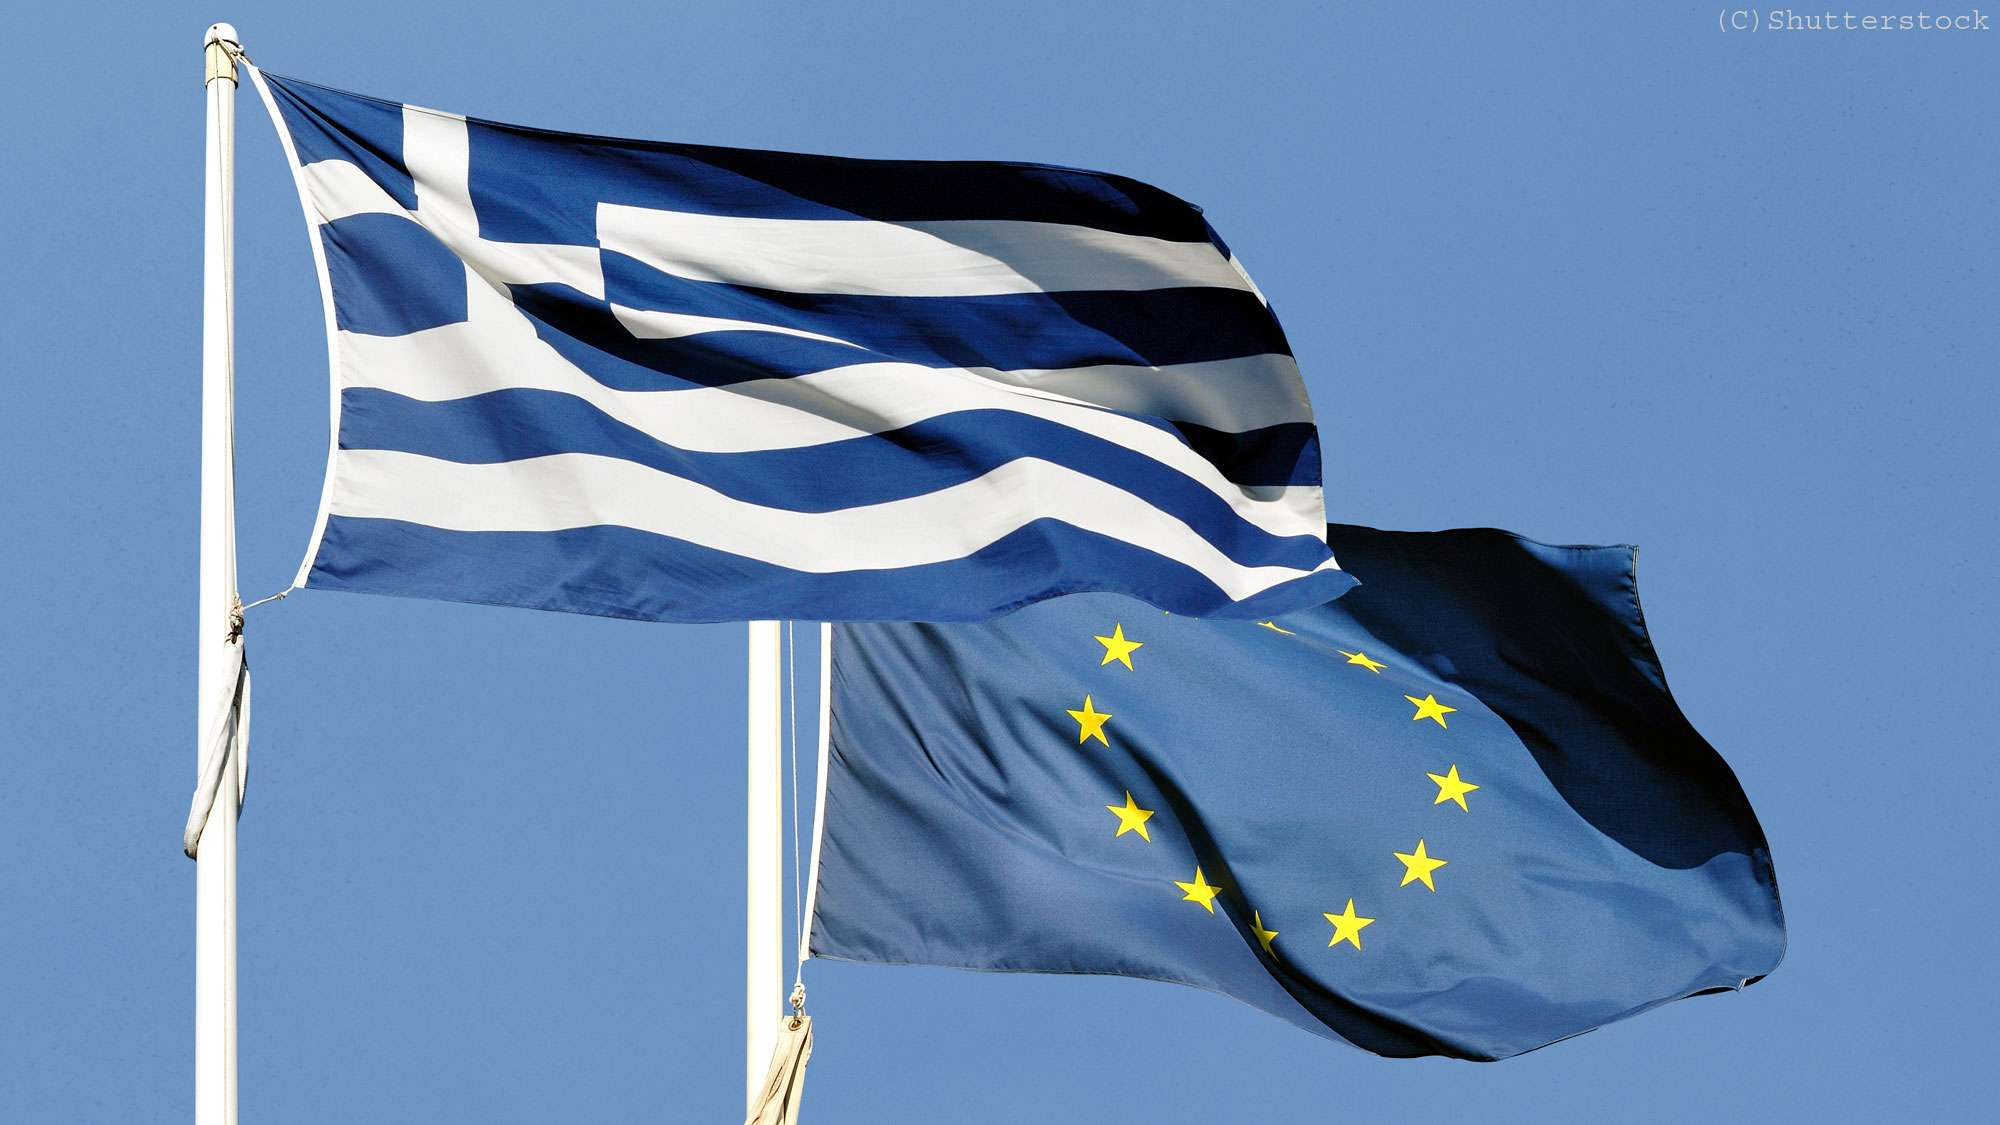 Σε τι συνίσταται το βαθύ νόημα της ύπαρξης της Ευρωπαϊκής 'Ένωσης. και της Ευρωζώνης;